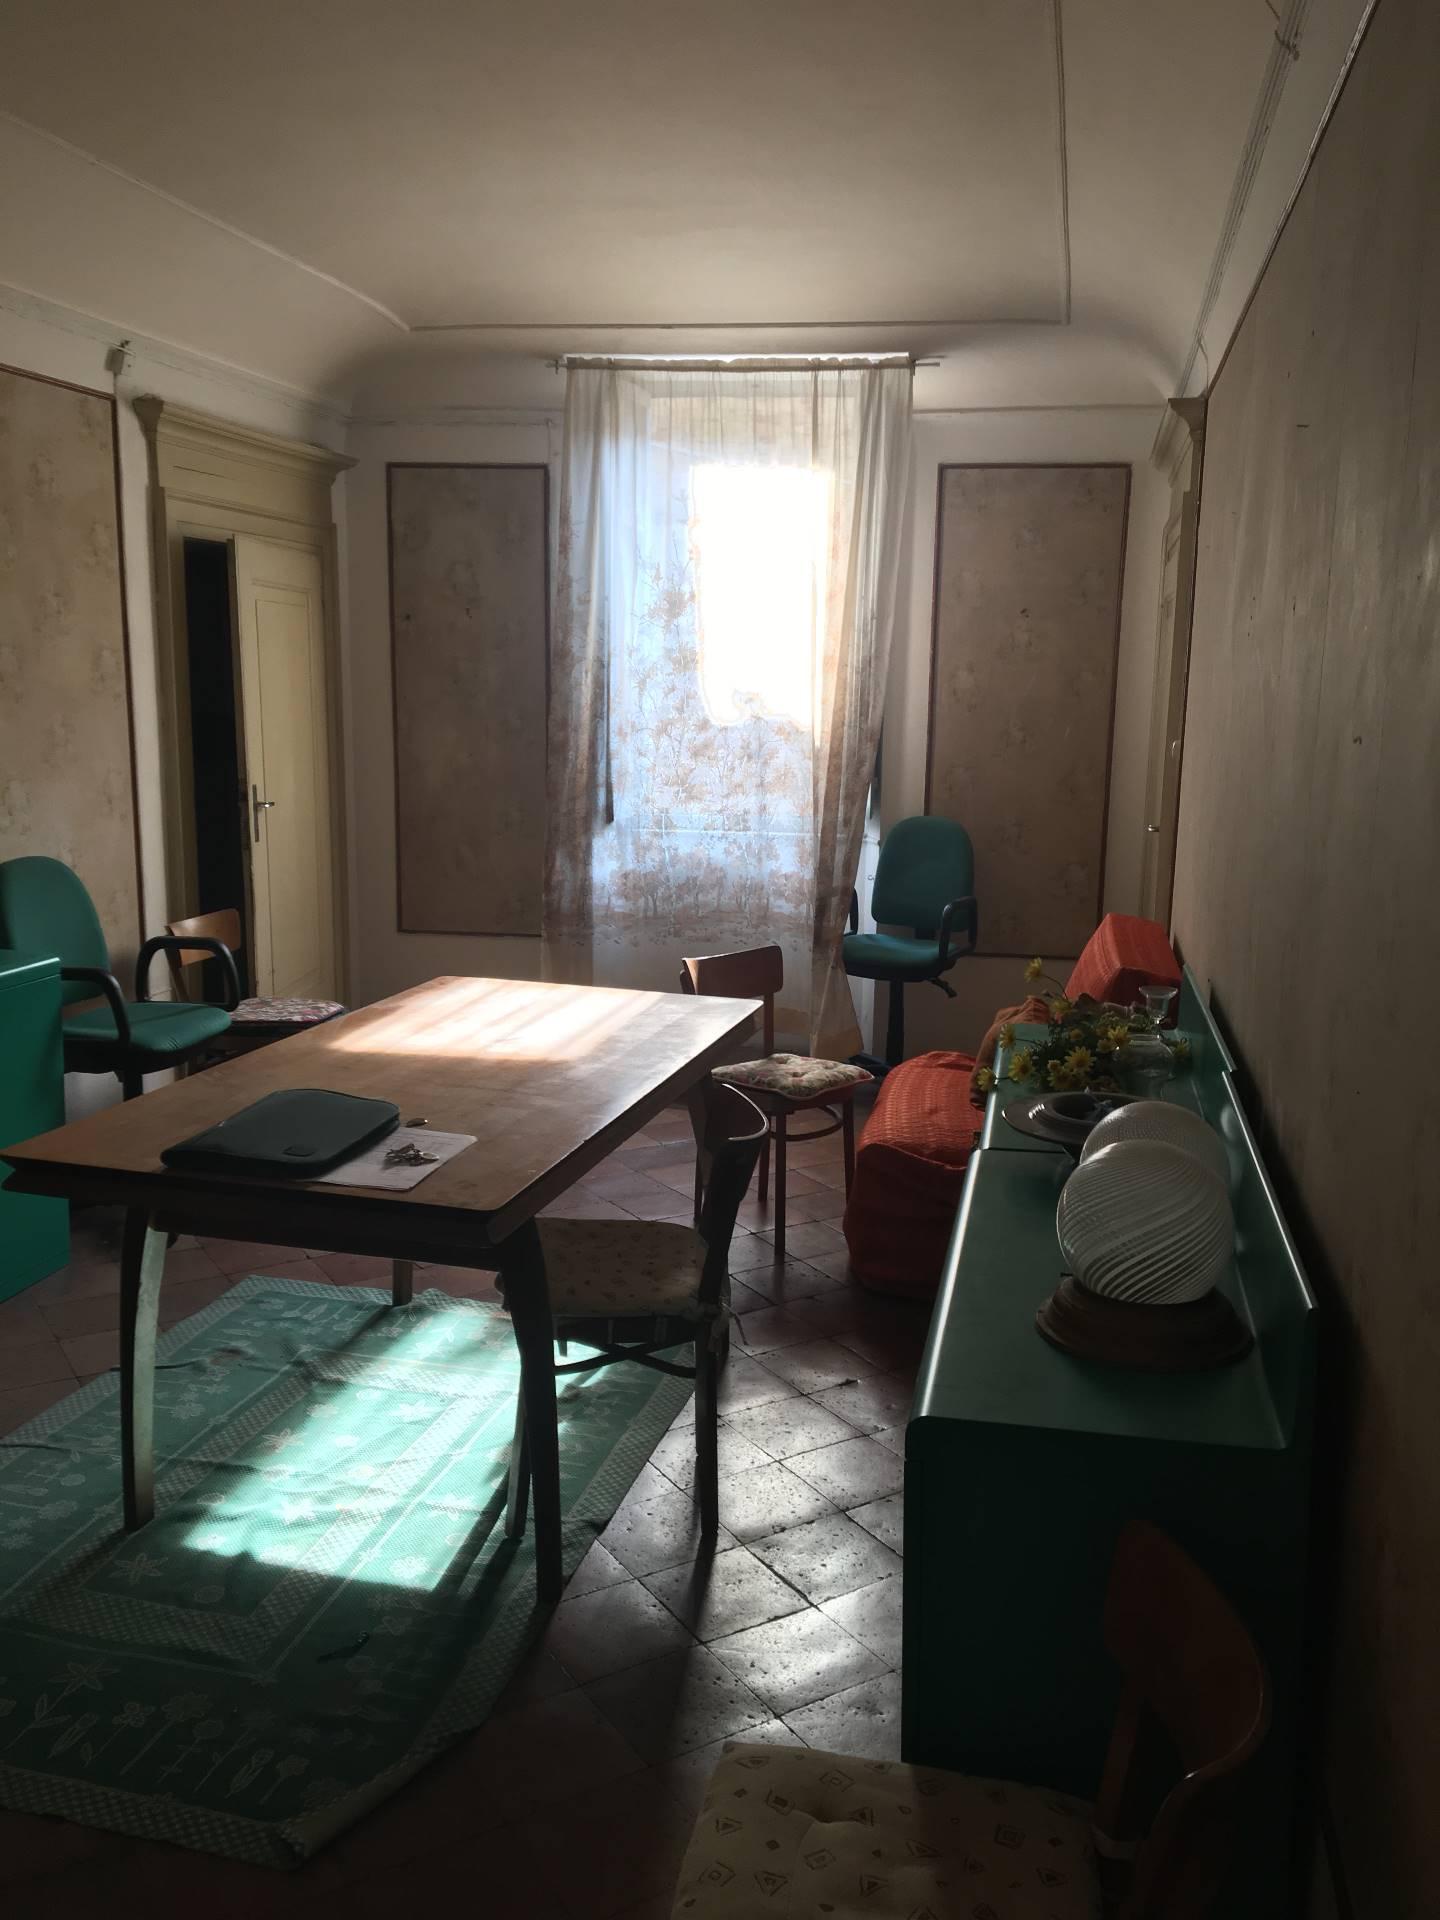 villa unifamiliare indipendente vendita fermo di metri quadrati 290